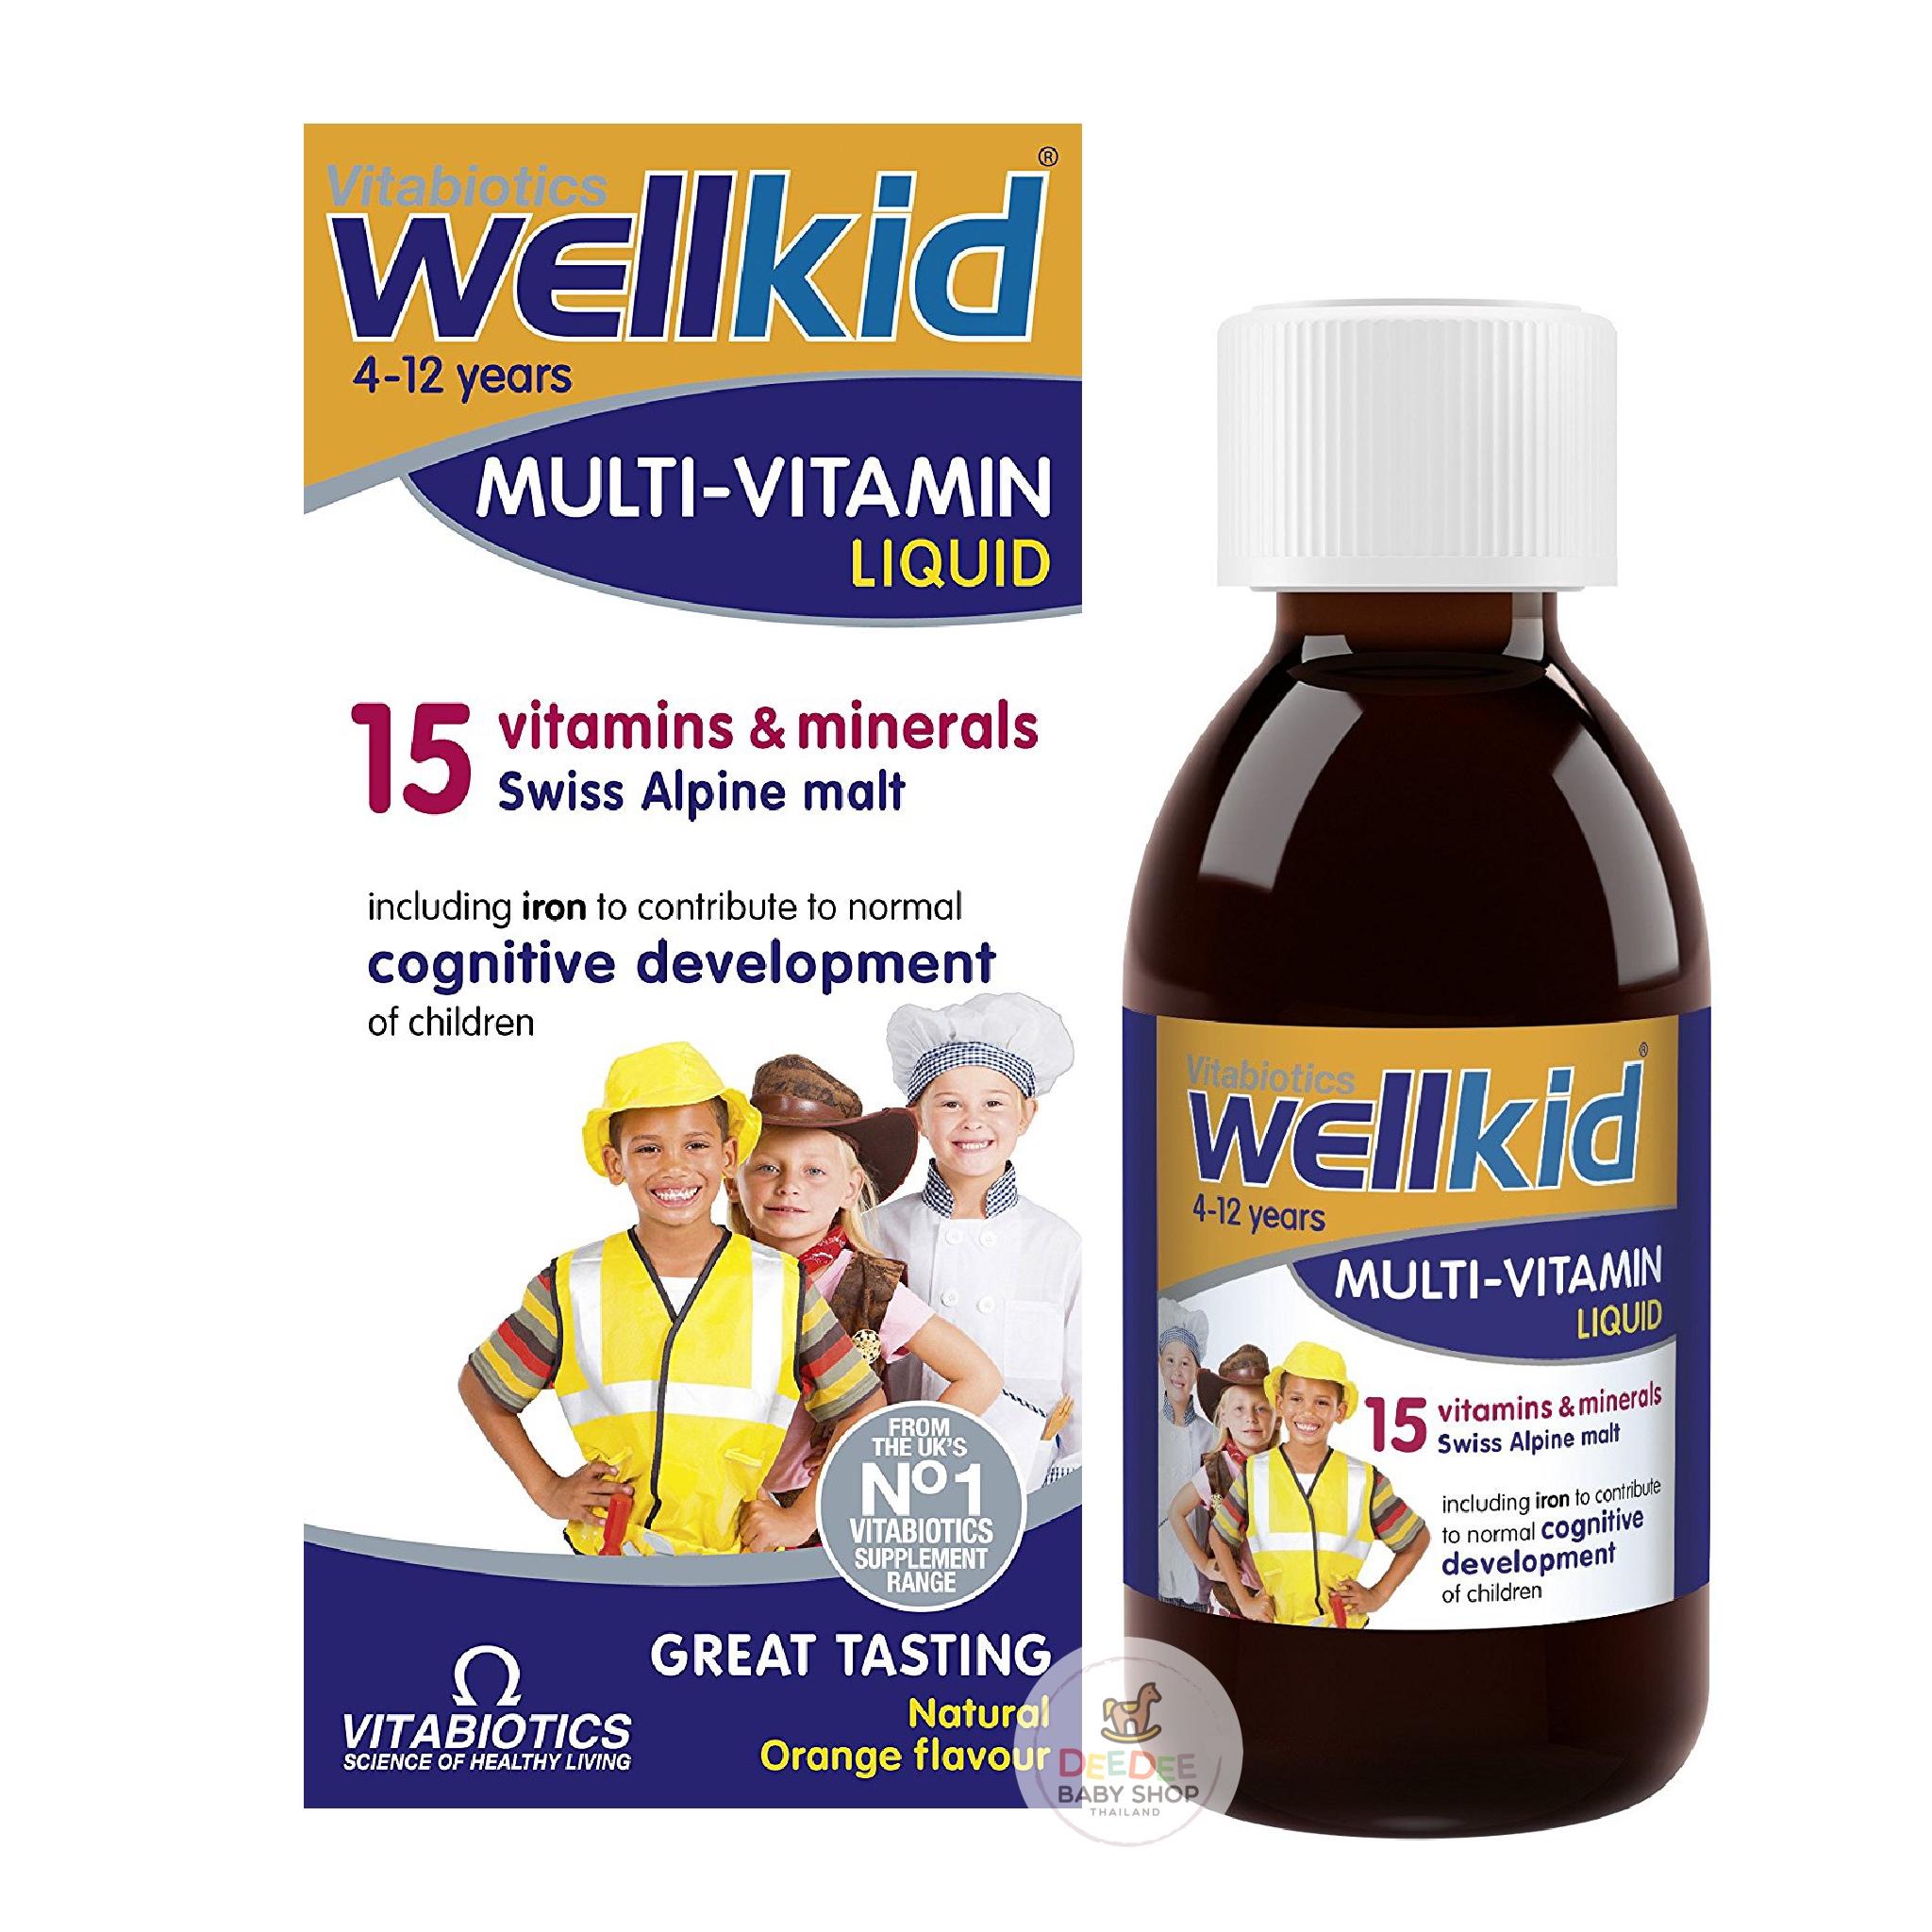 วิตามินรวมสำหรับเด็กชนิดน้ำ Vitabiotics WellKid Multi-Vitamin Liquid